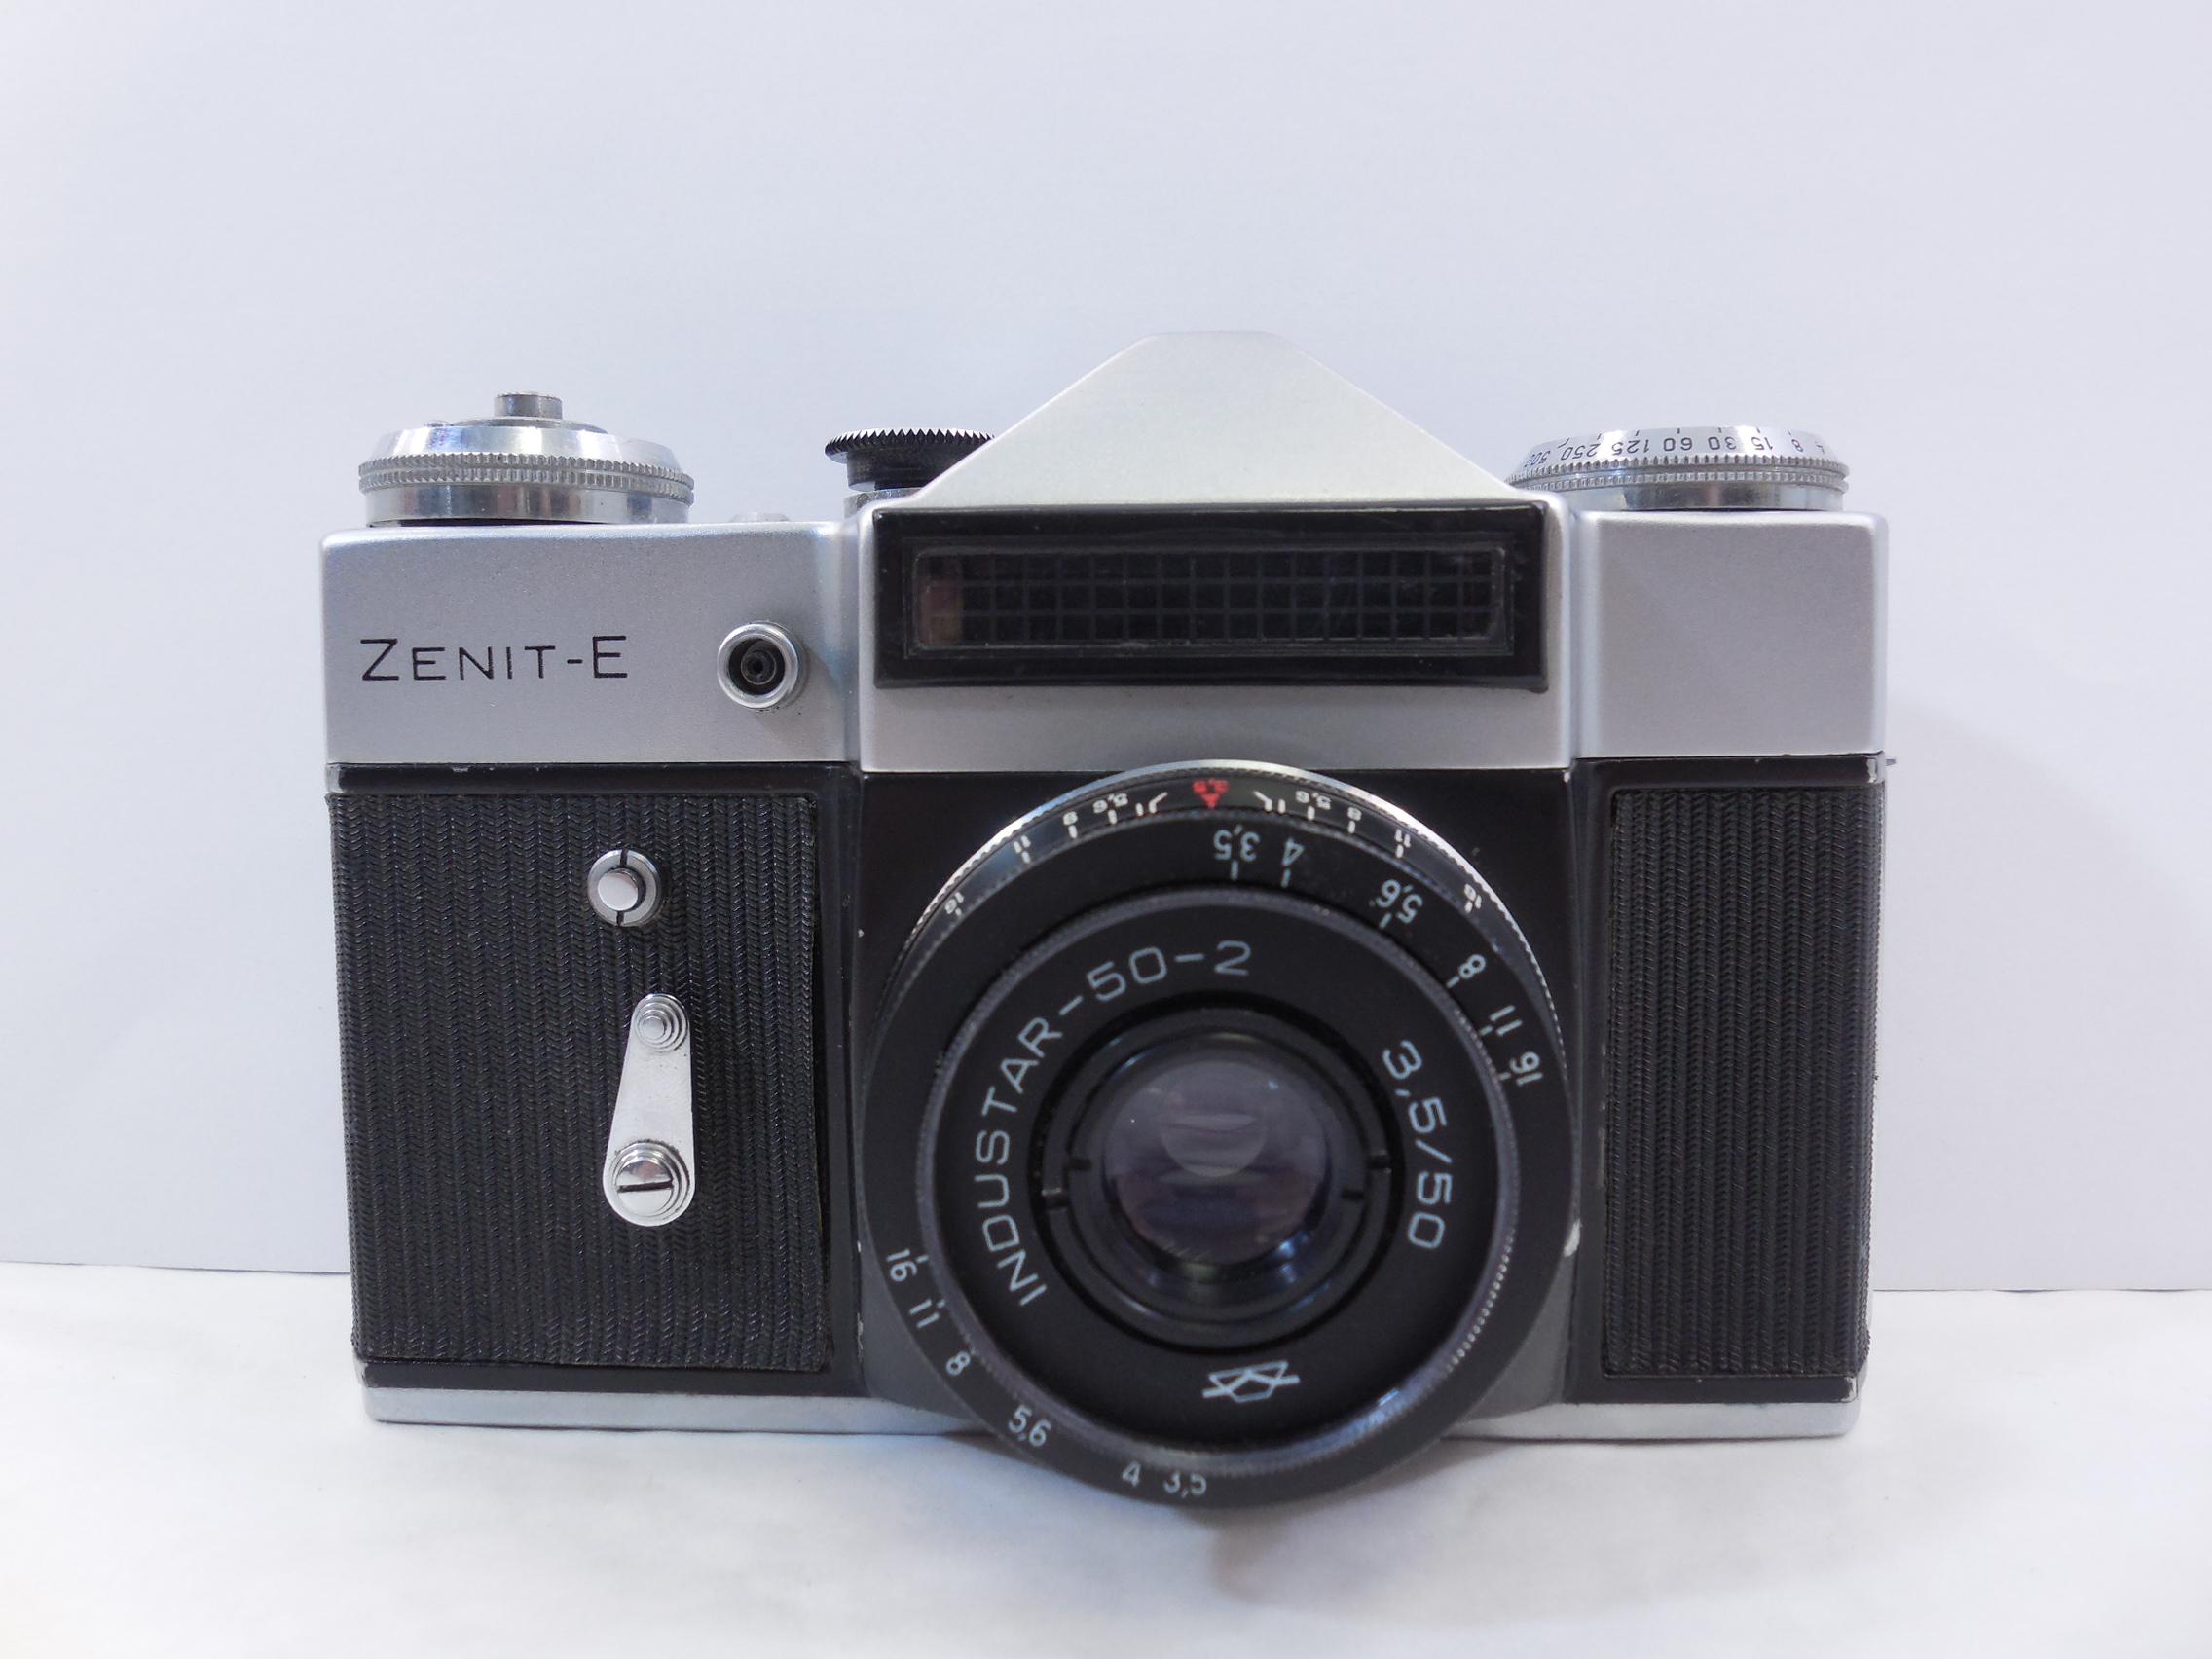 пленочные фотоаппараты новые оказалось, одна такая